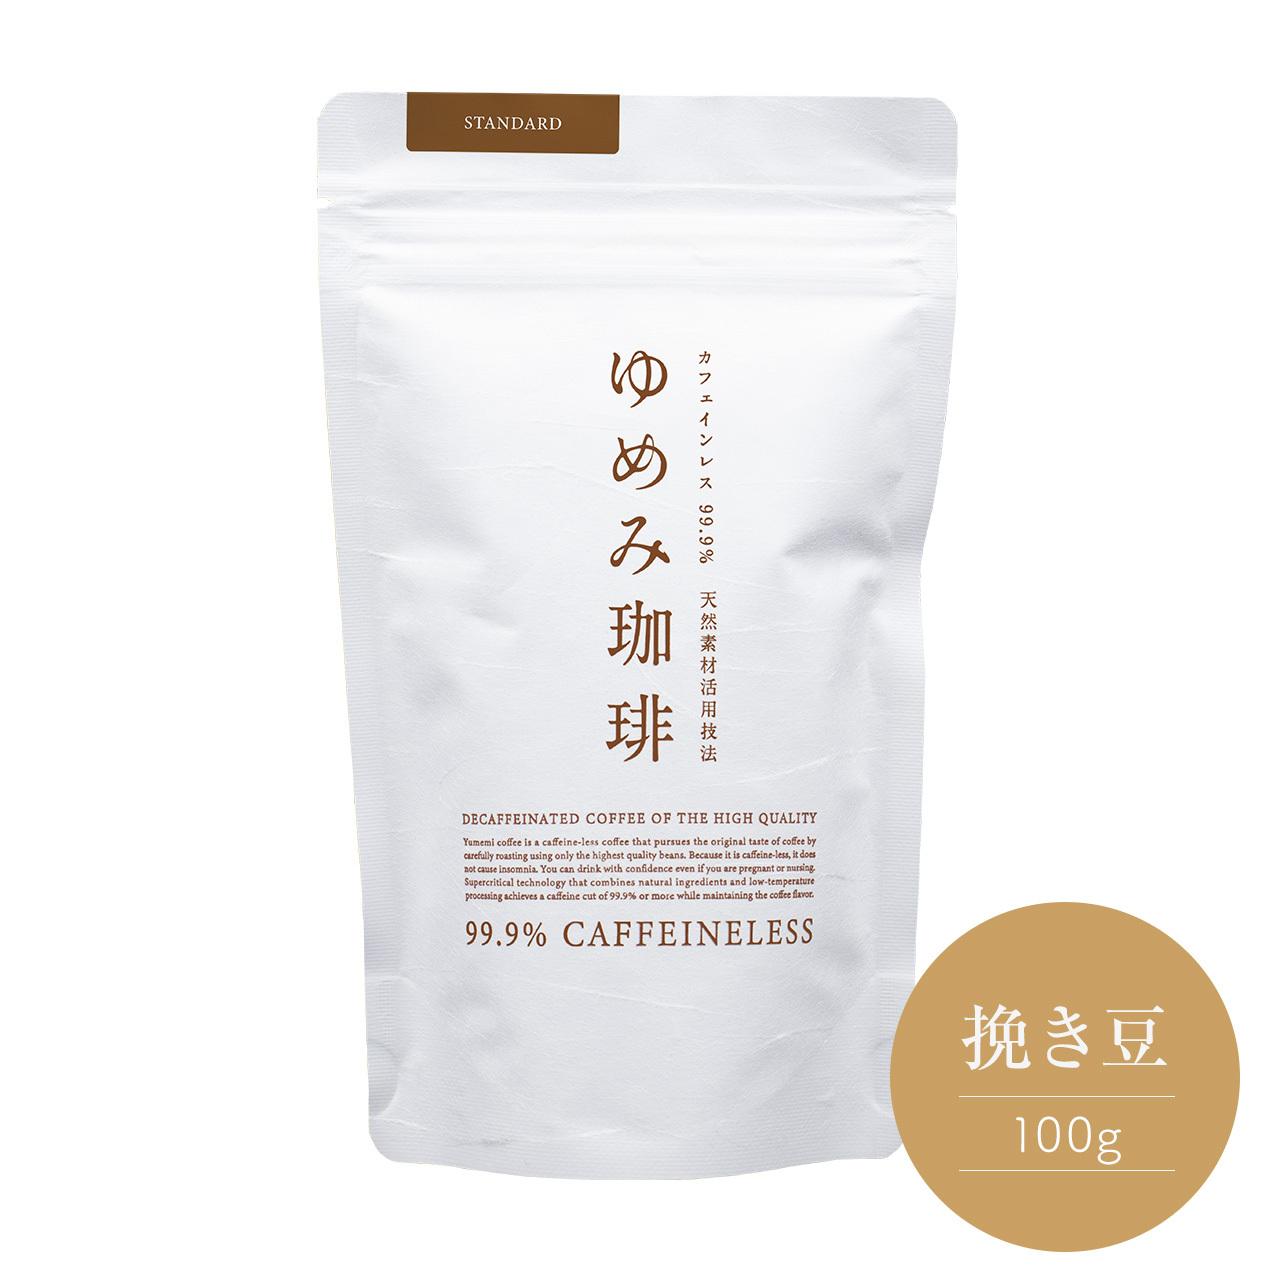 ゆめみ珈琲(カフェインレス)《スタンダード》挽き豆 100g